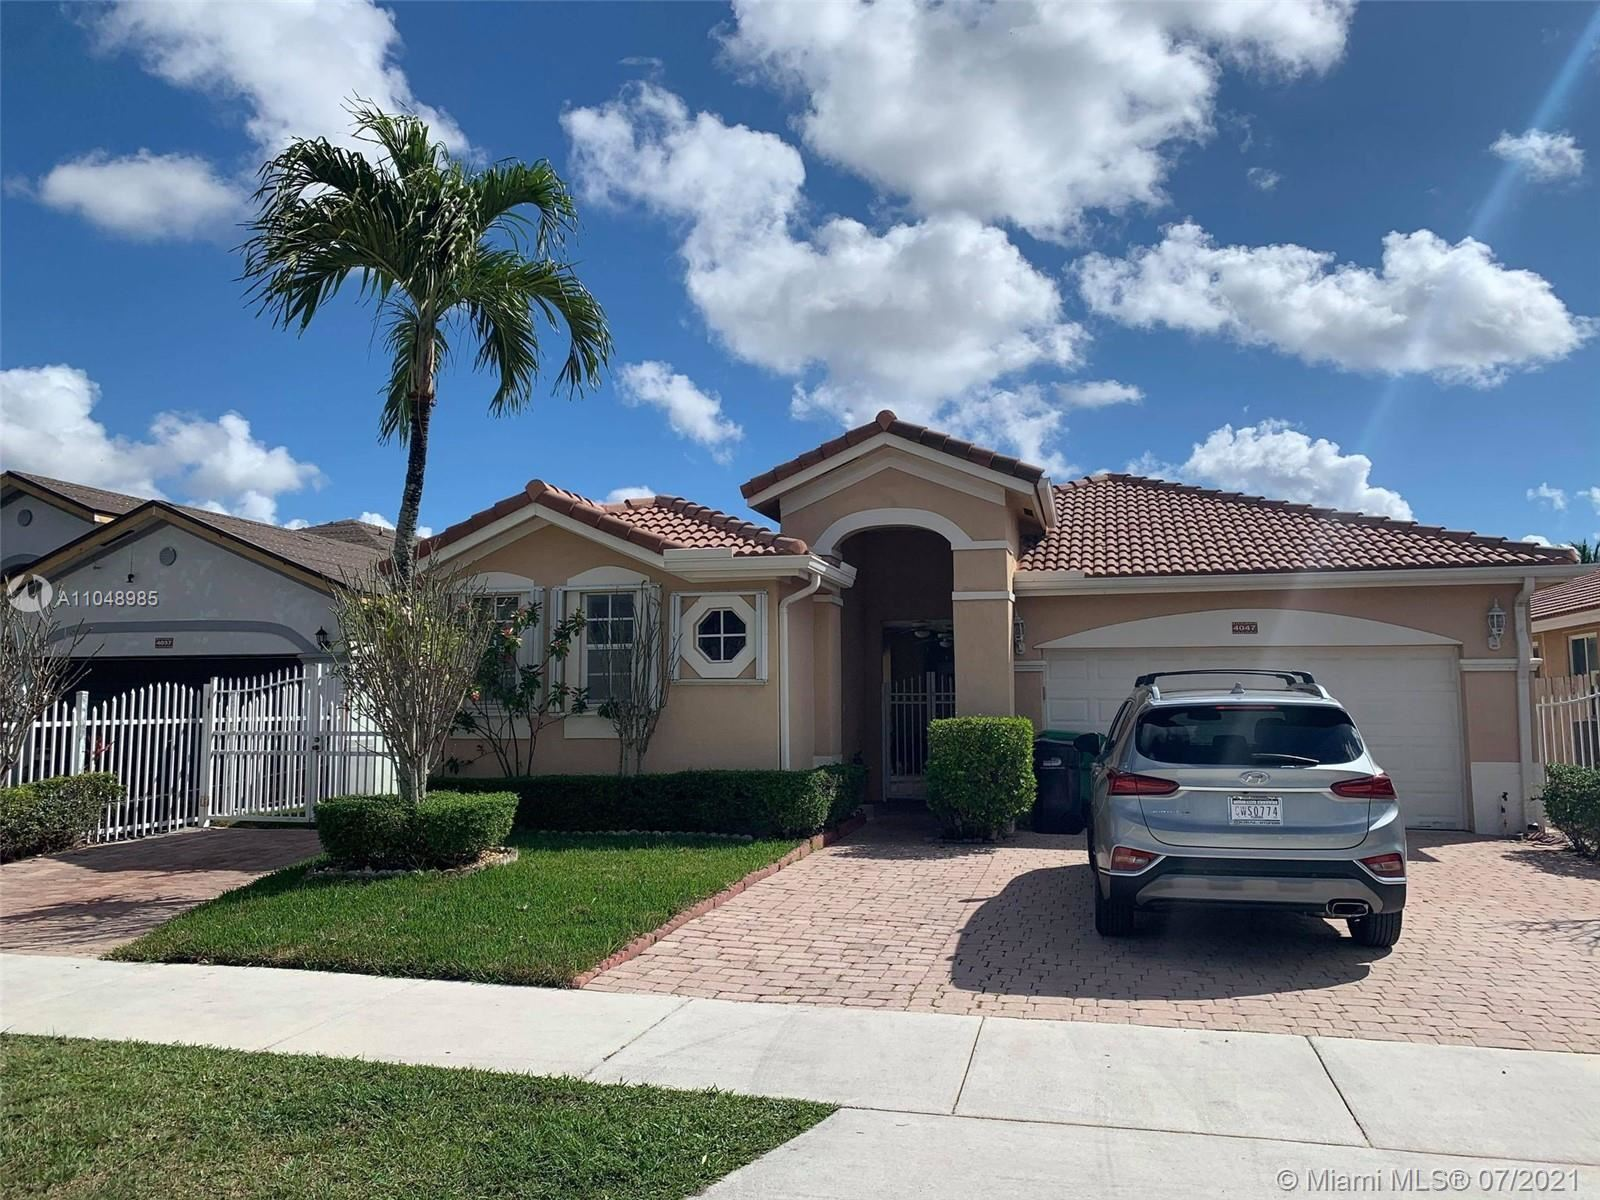 4047 SW 156th Ct, Miami, FL 33185 - #: A11048985